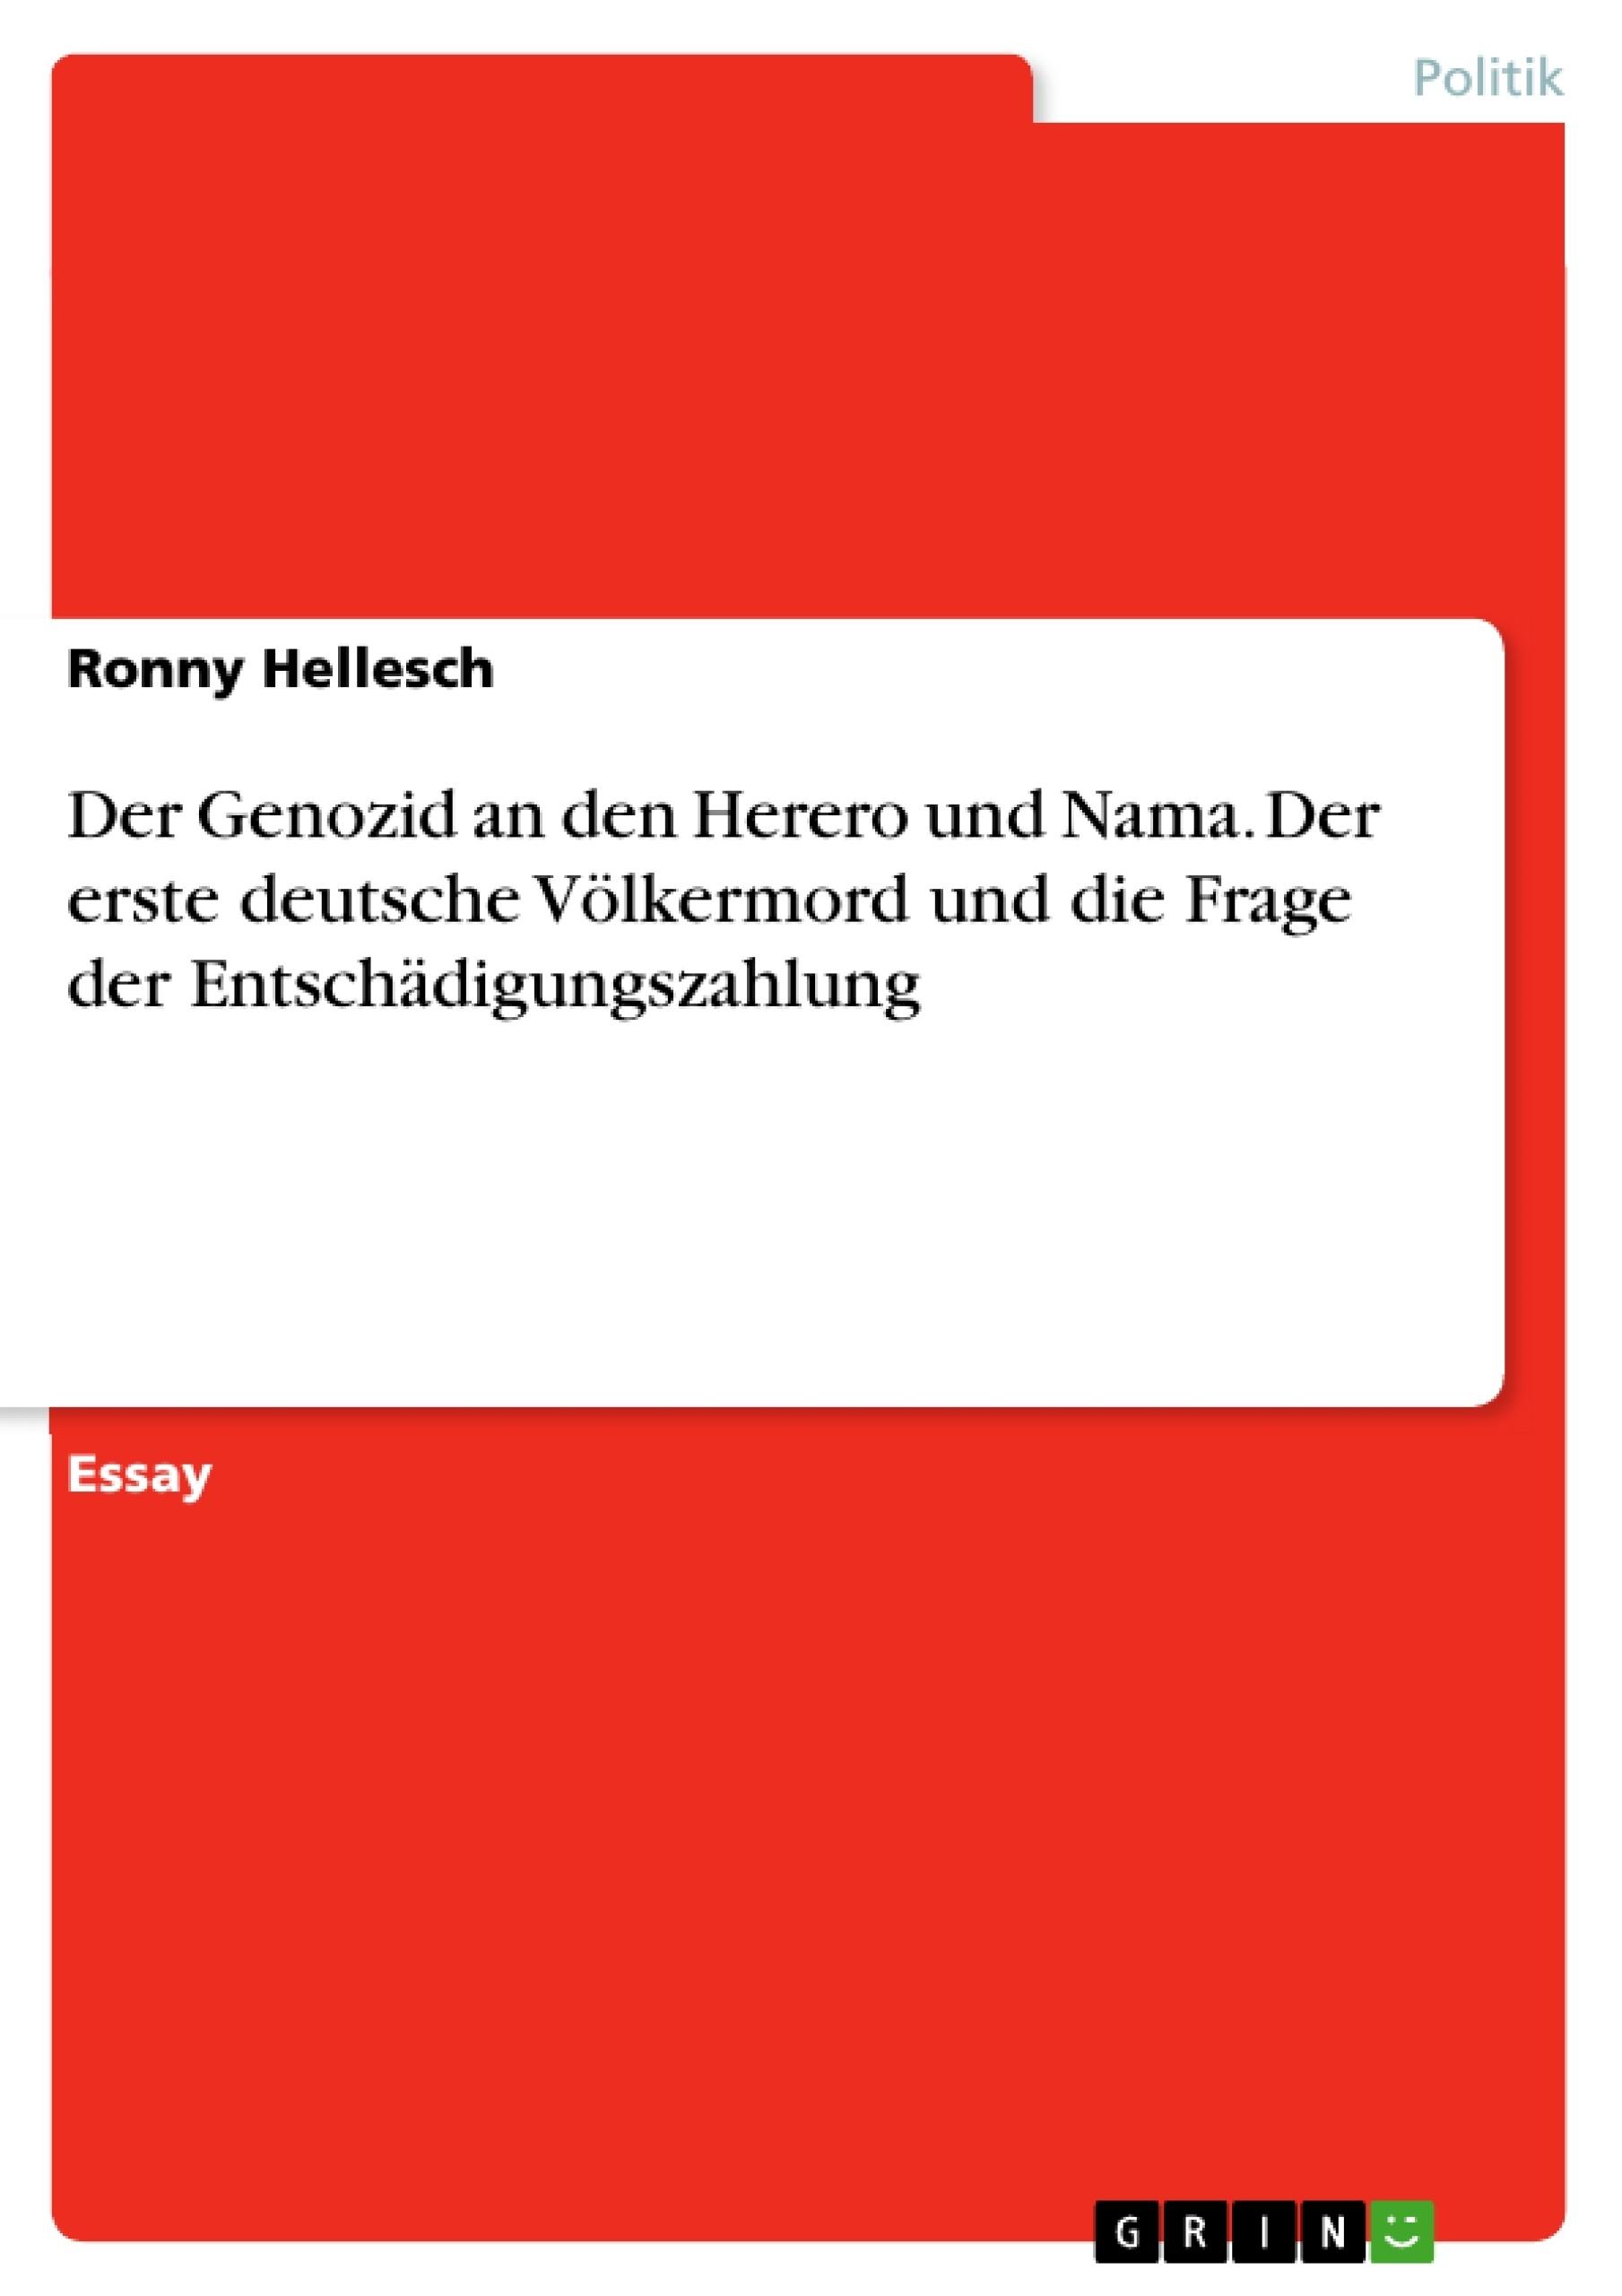 Titel: Der Genozid an den Herero und Nama. Der erste deutsche Völkermord und die Frage der Entschädigungszahlung